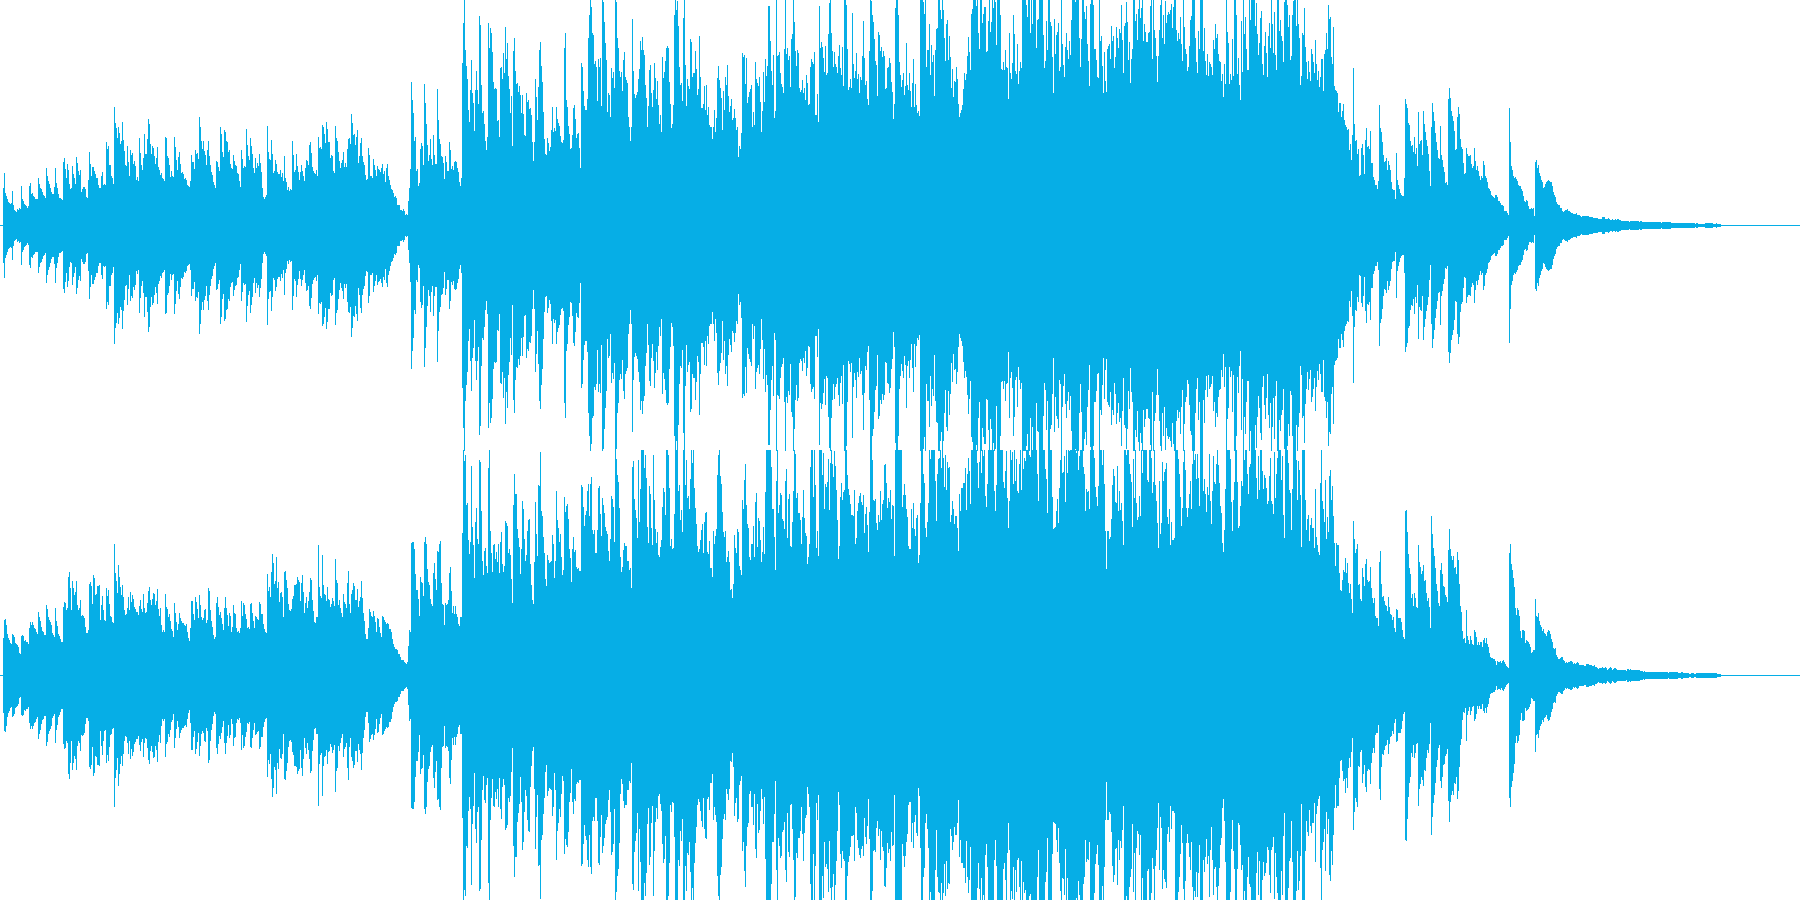 【映像作品用】ピアノと弦の曲 の再生済みの波形